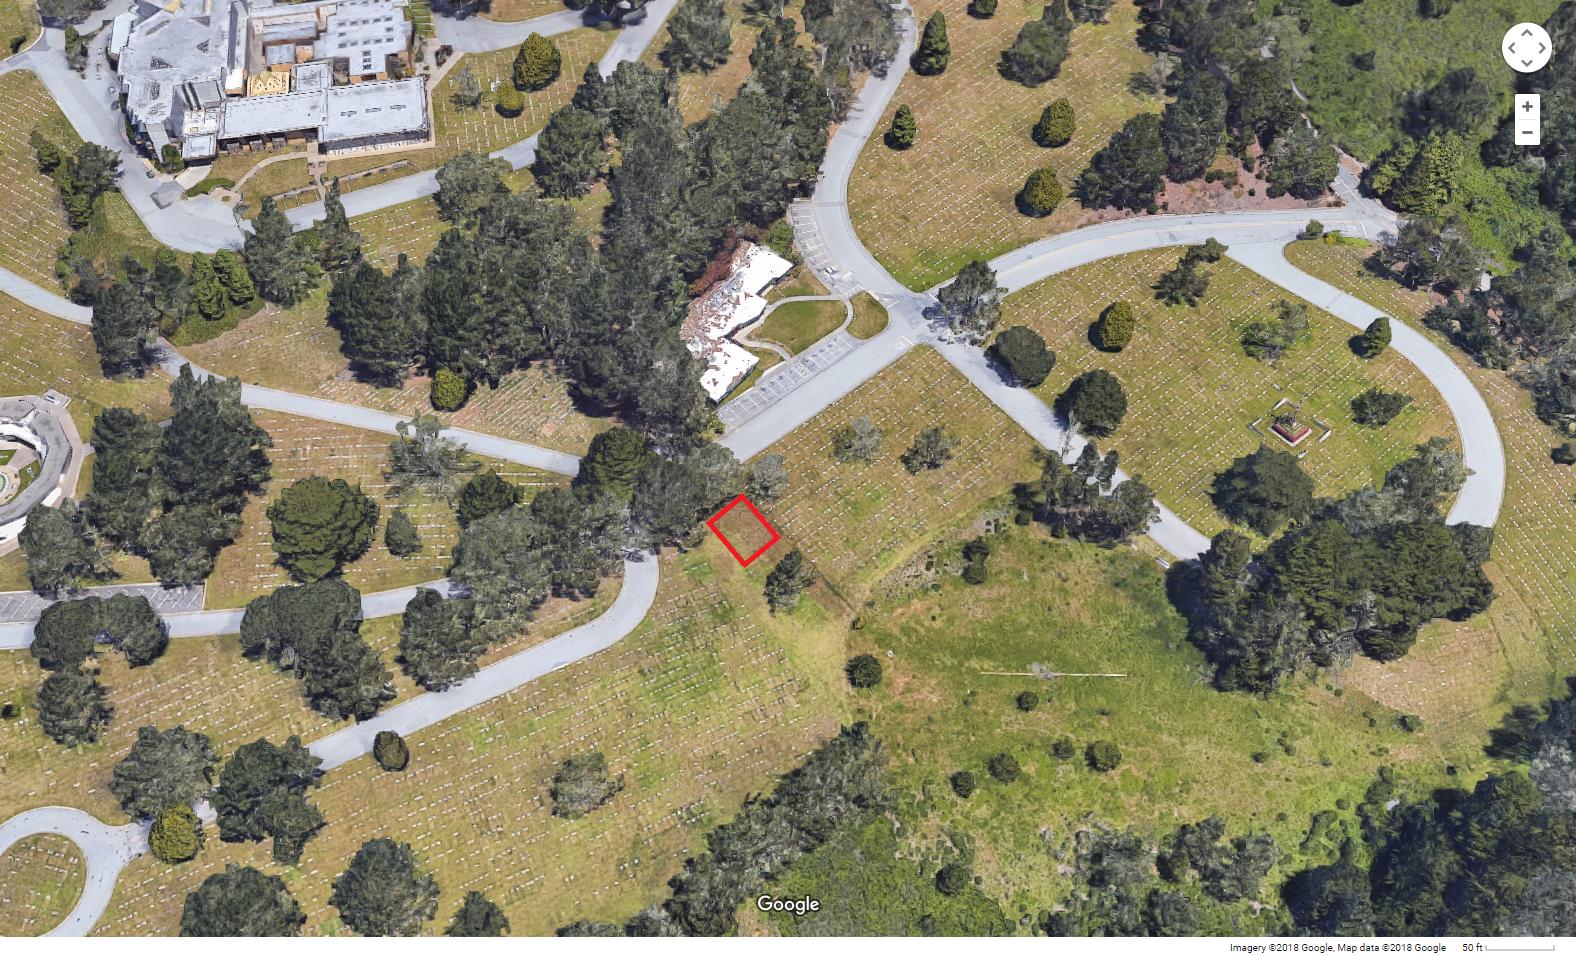 satelite location image